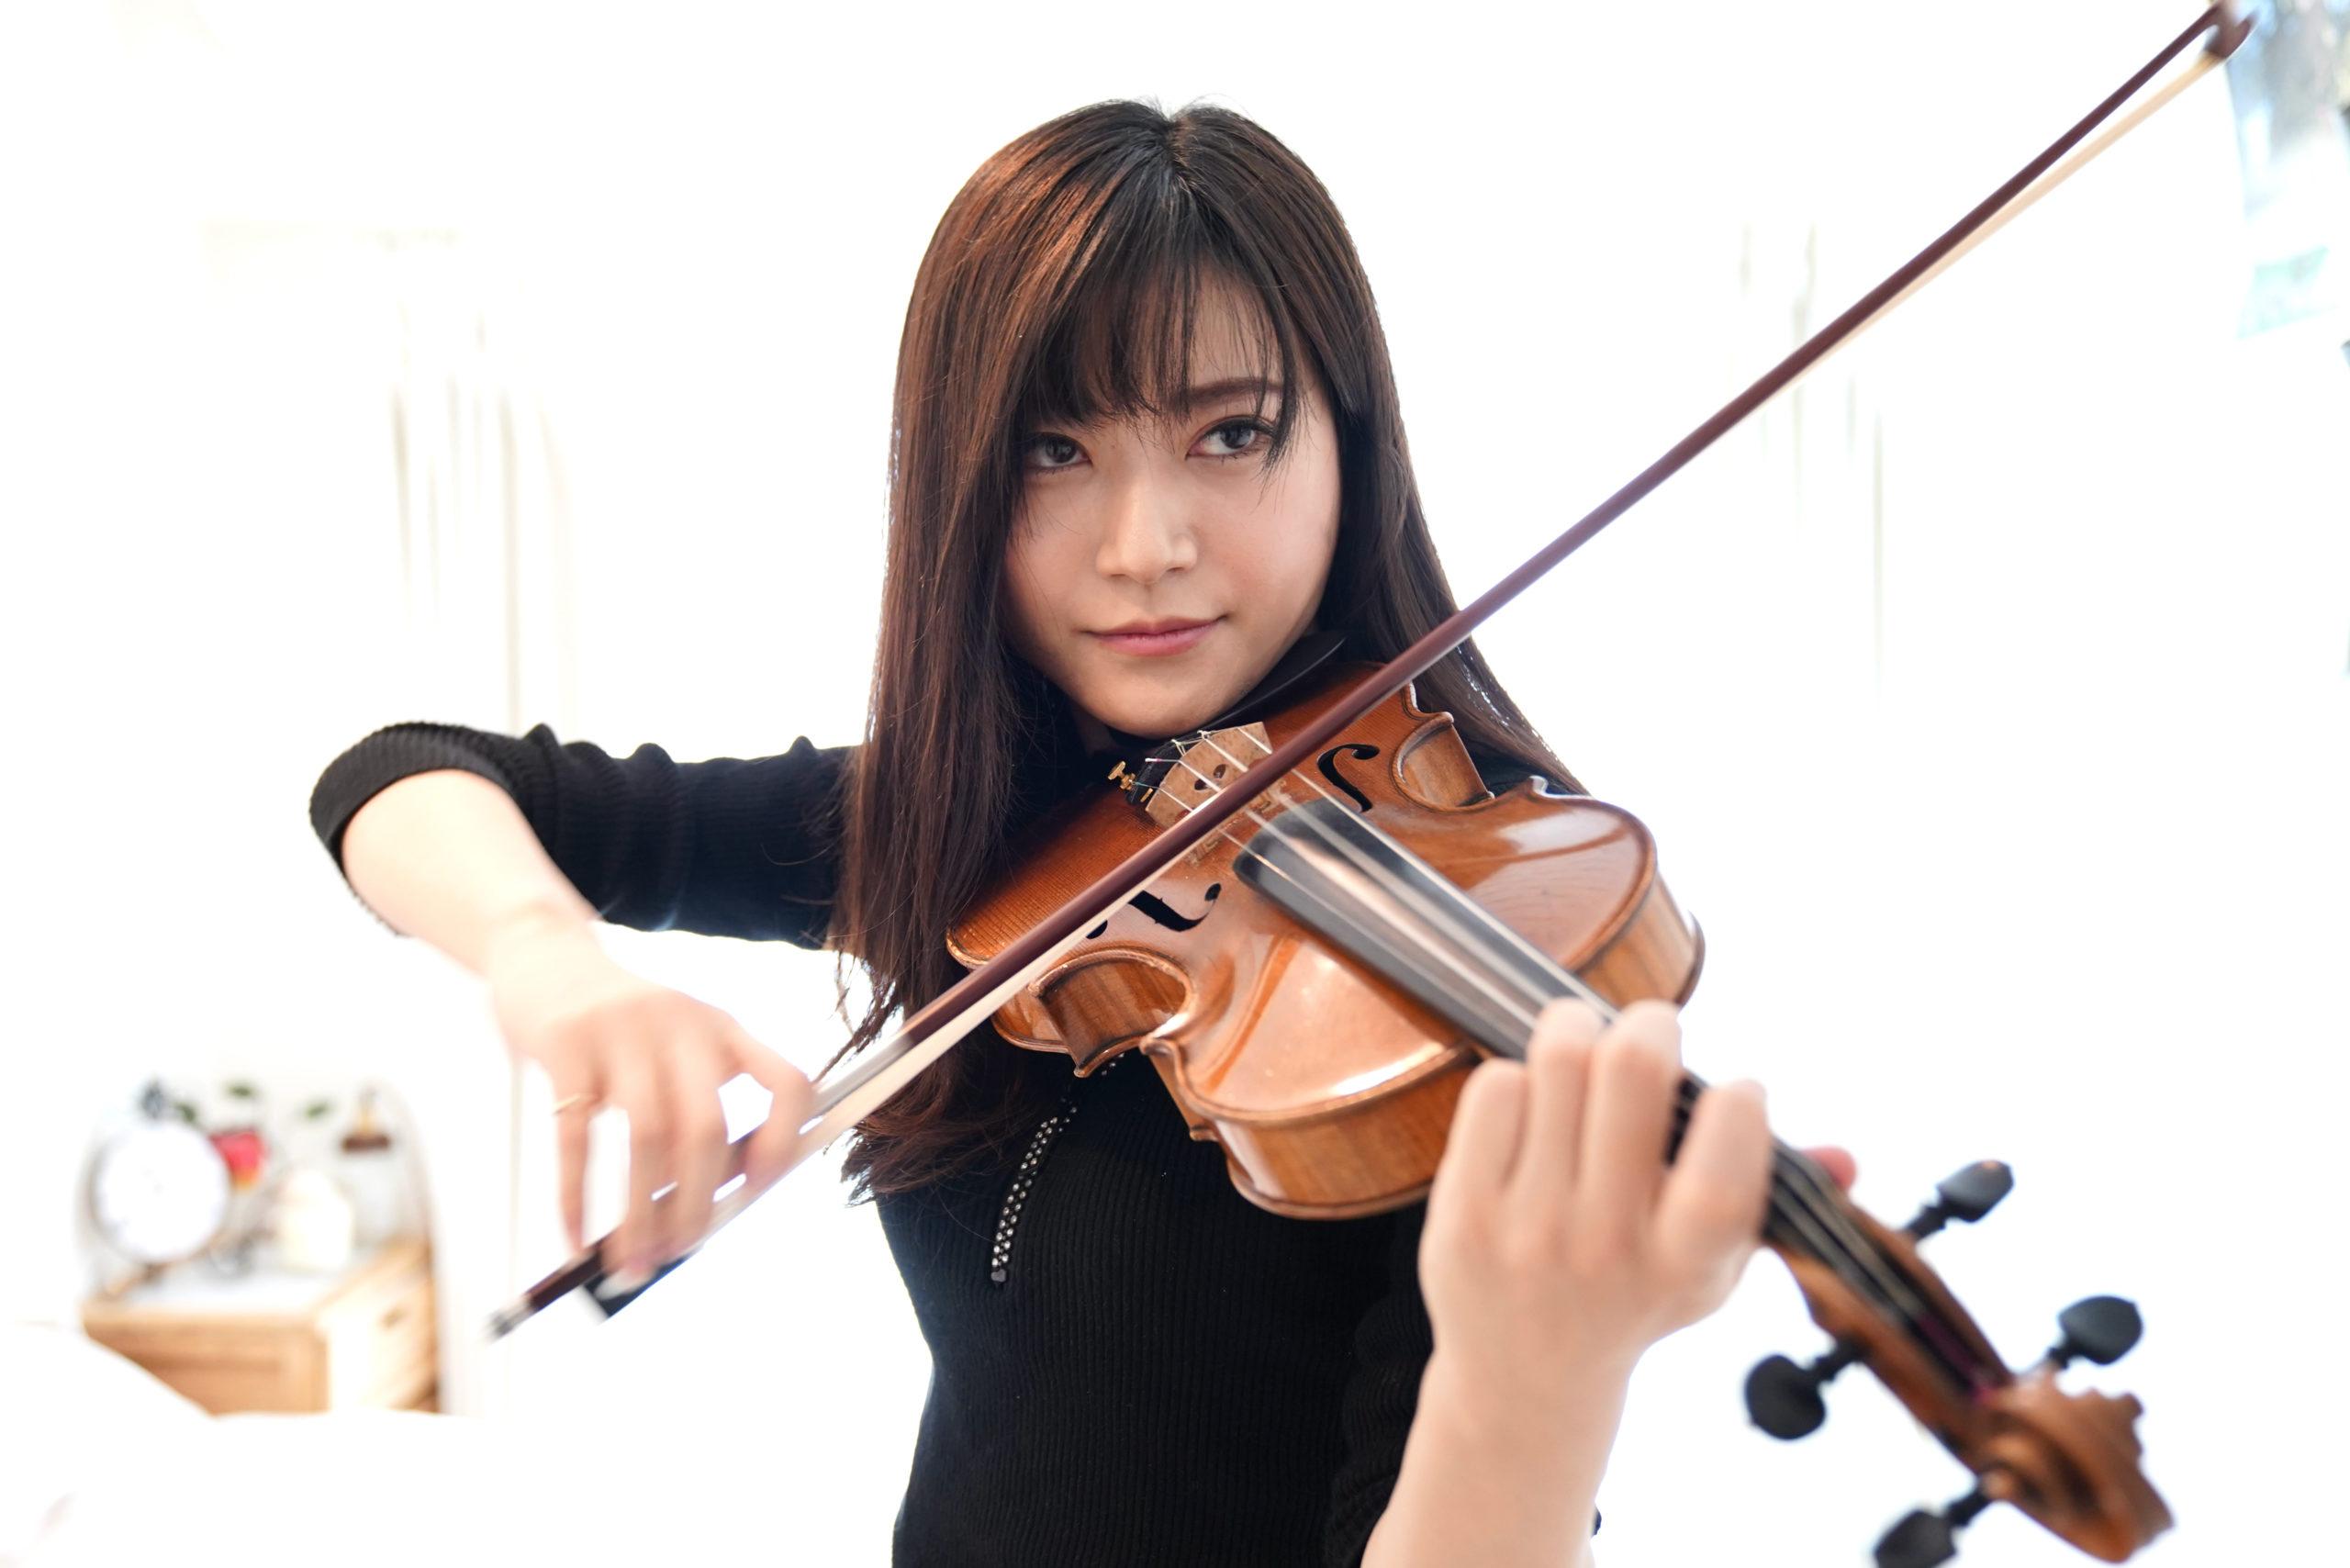 バイオリニスト 中村里奈さん「サウンドプルーフに住むようになり生活にゆとりが生まれました」